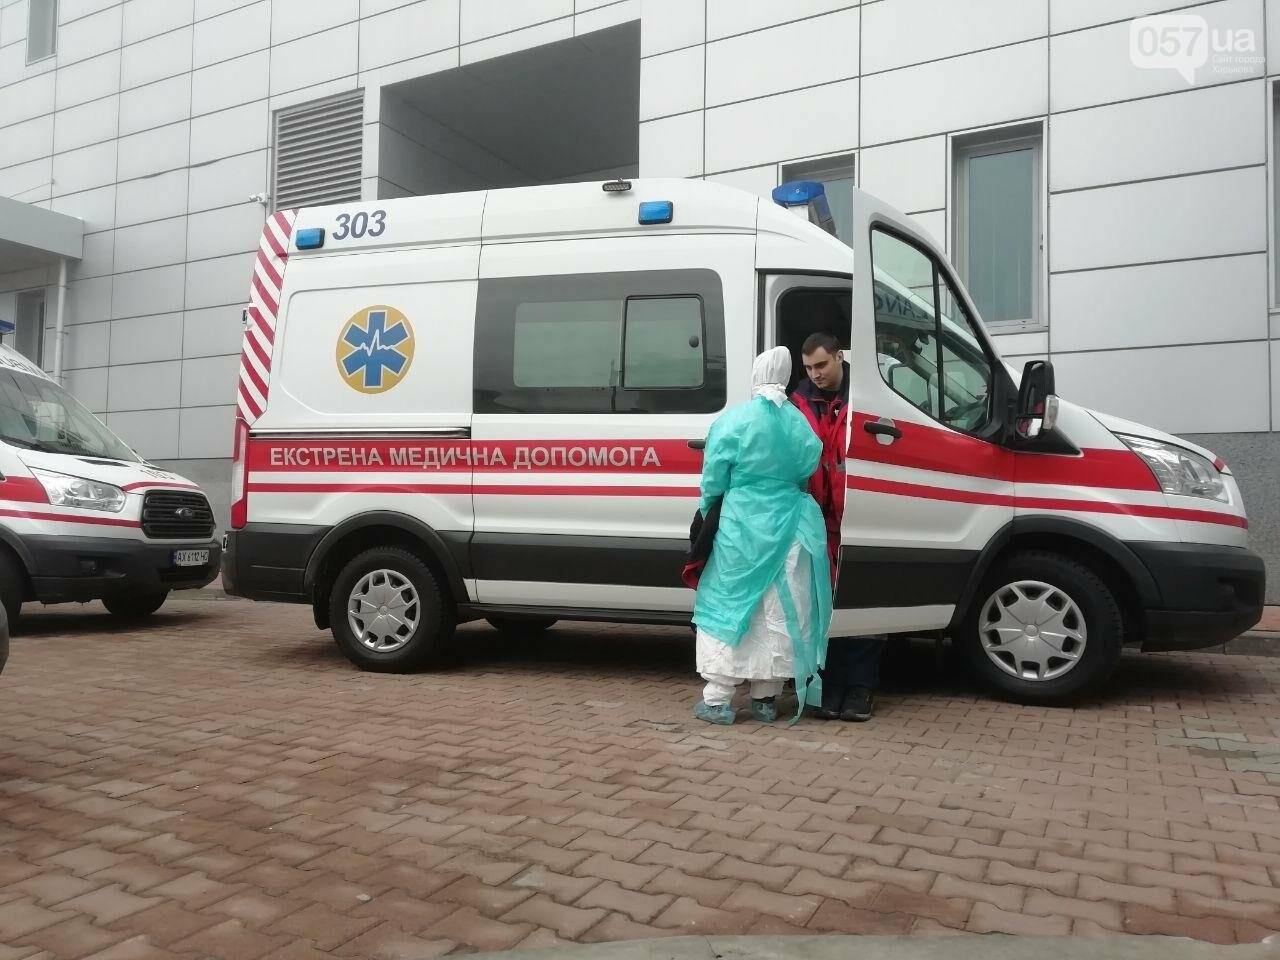 В харьковском аэропорту приземлился самолет с эвакуированными пассажирами из Китая, - ОНЛАЙН-ТРАНСЛЯЦИЯ, фото-36